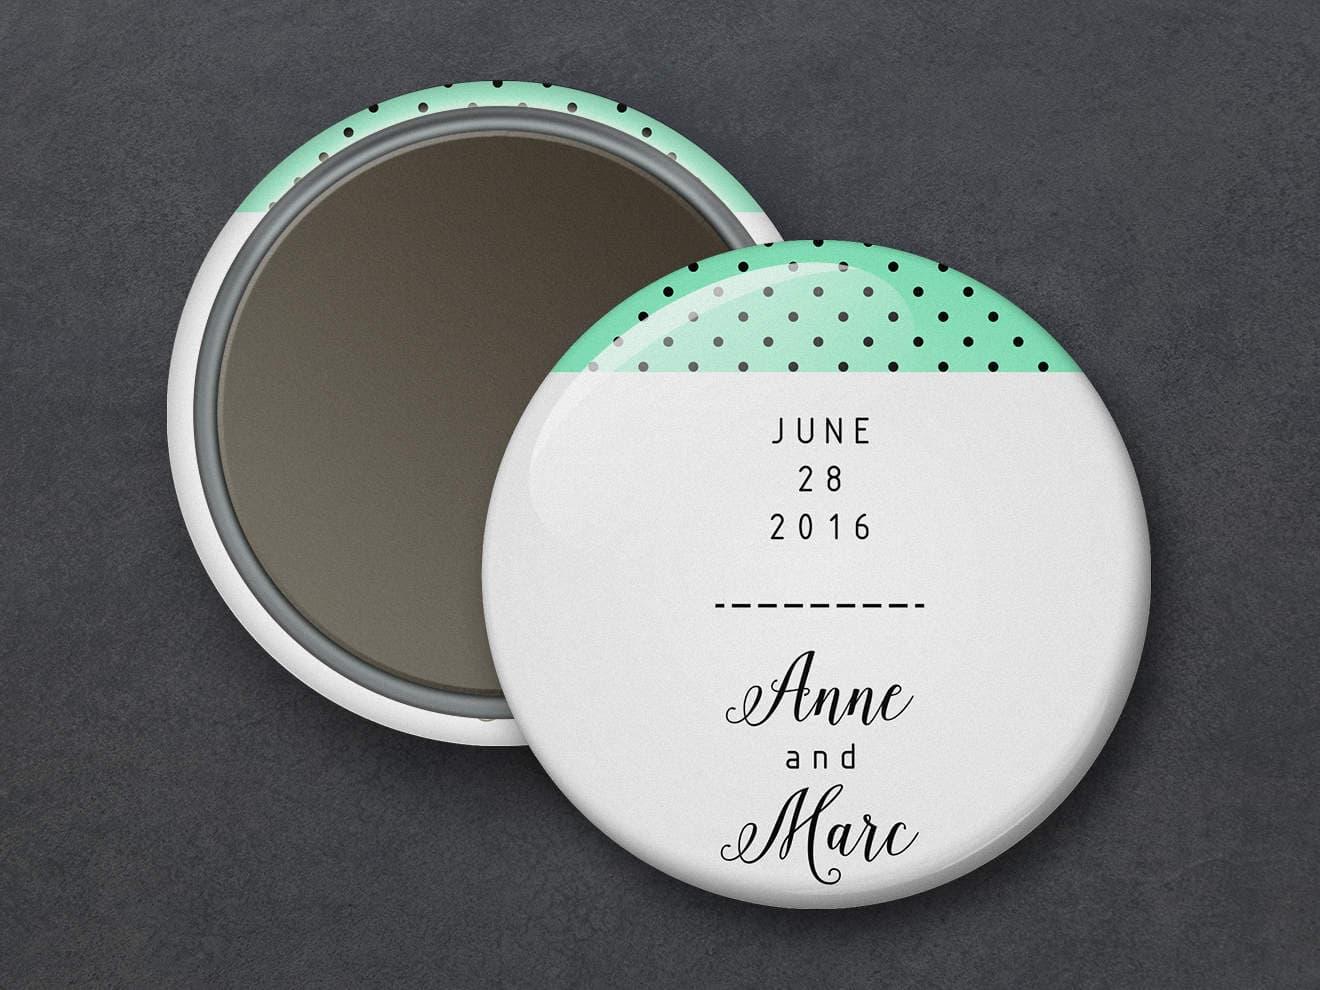 Kuehlschrankmagnete, magnete